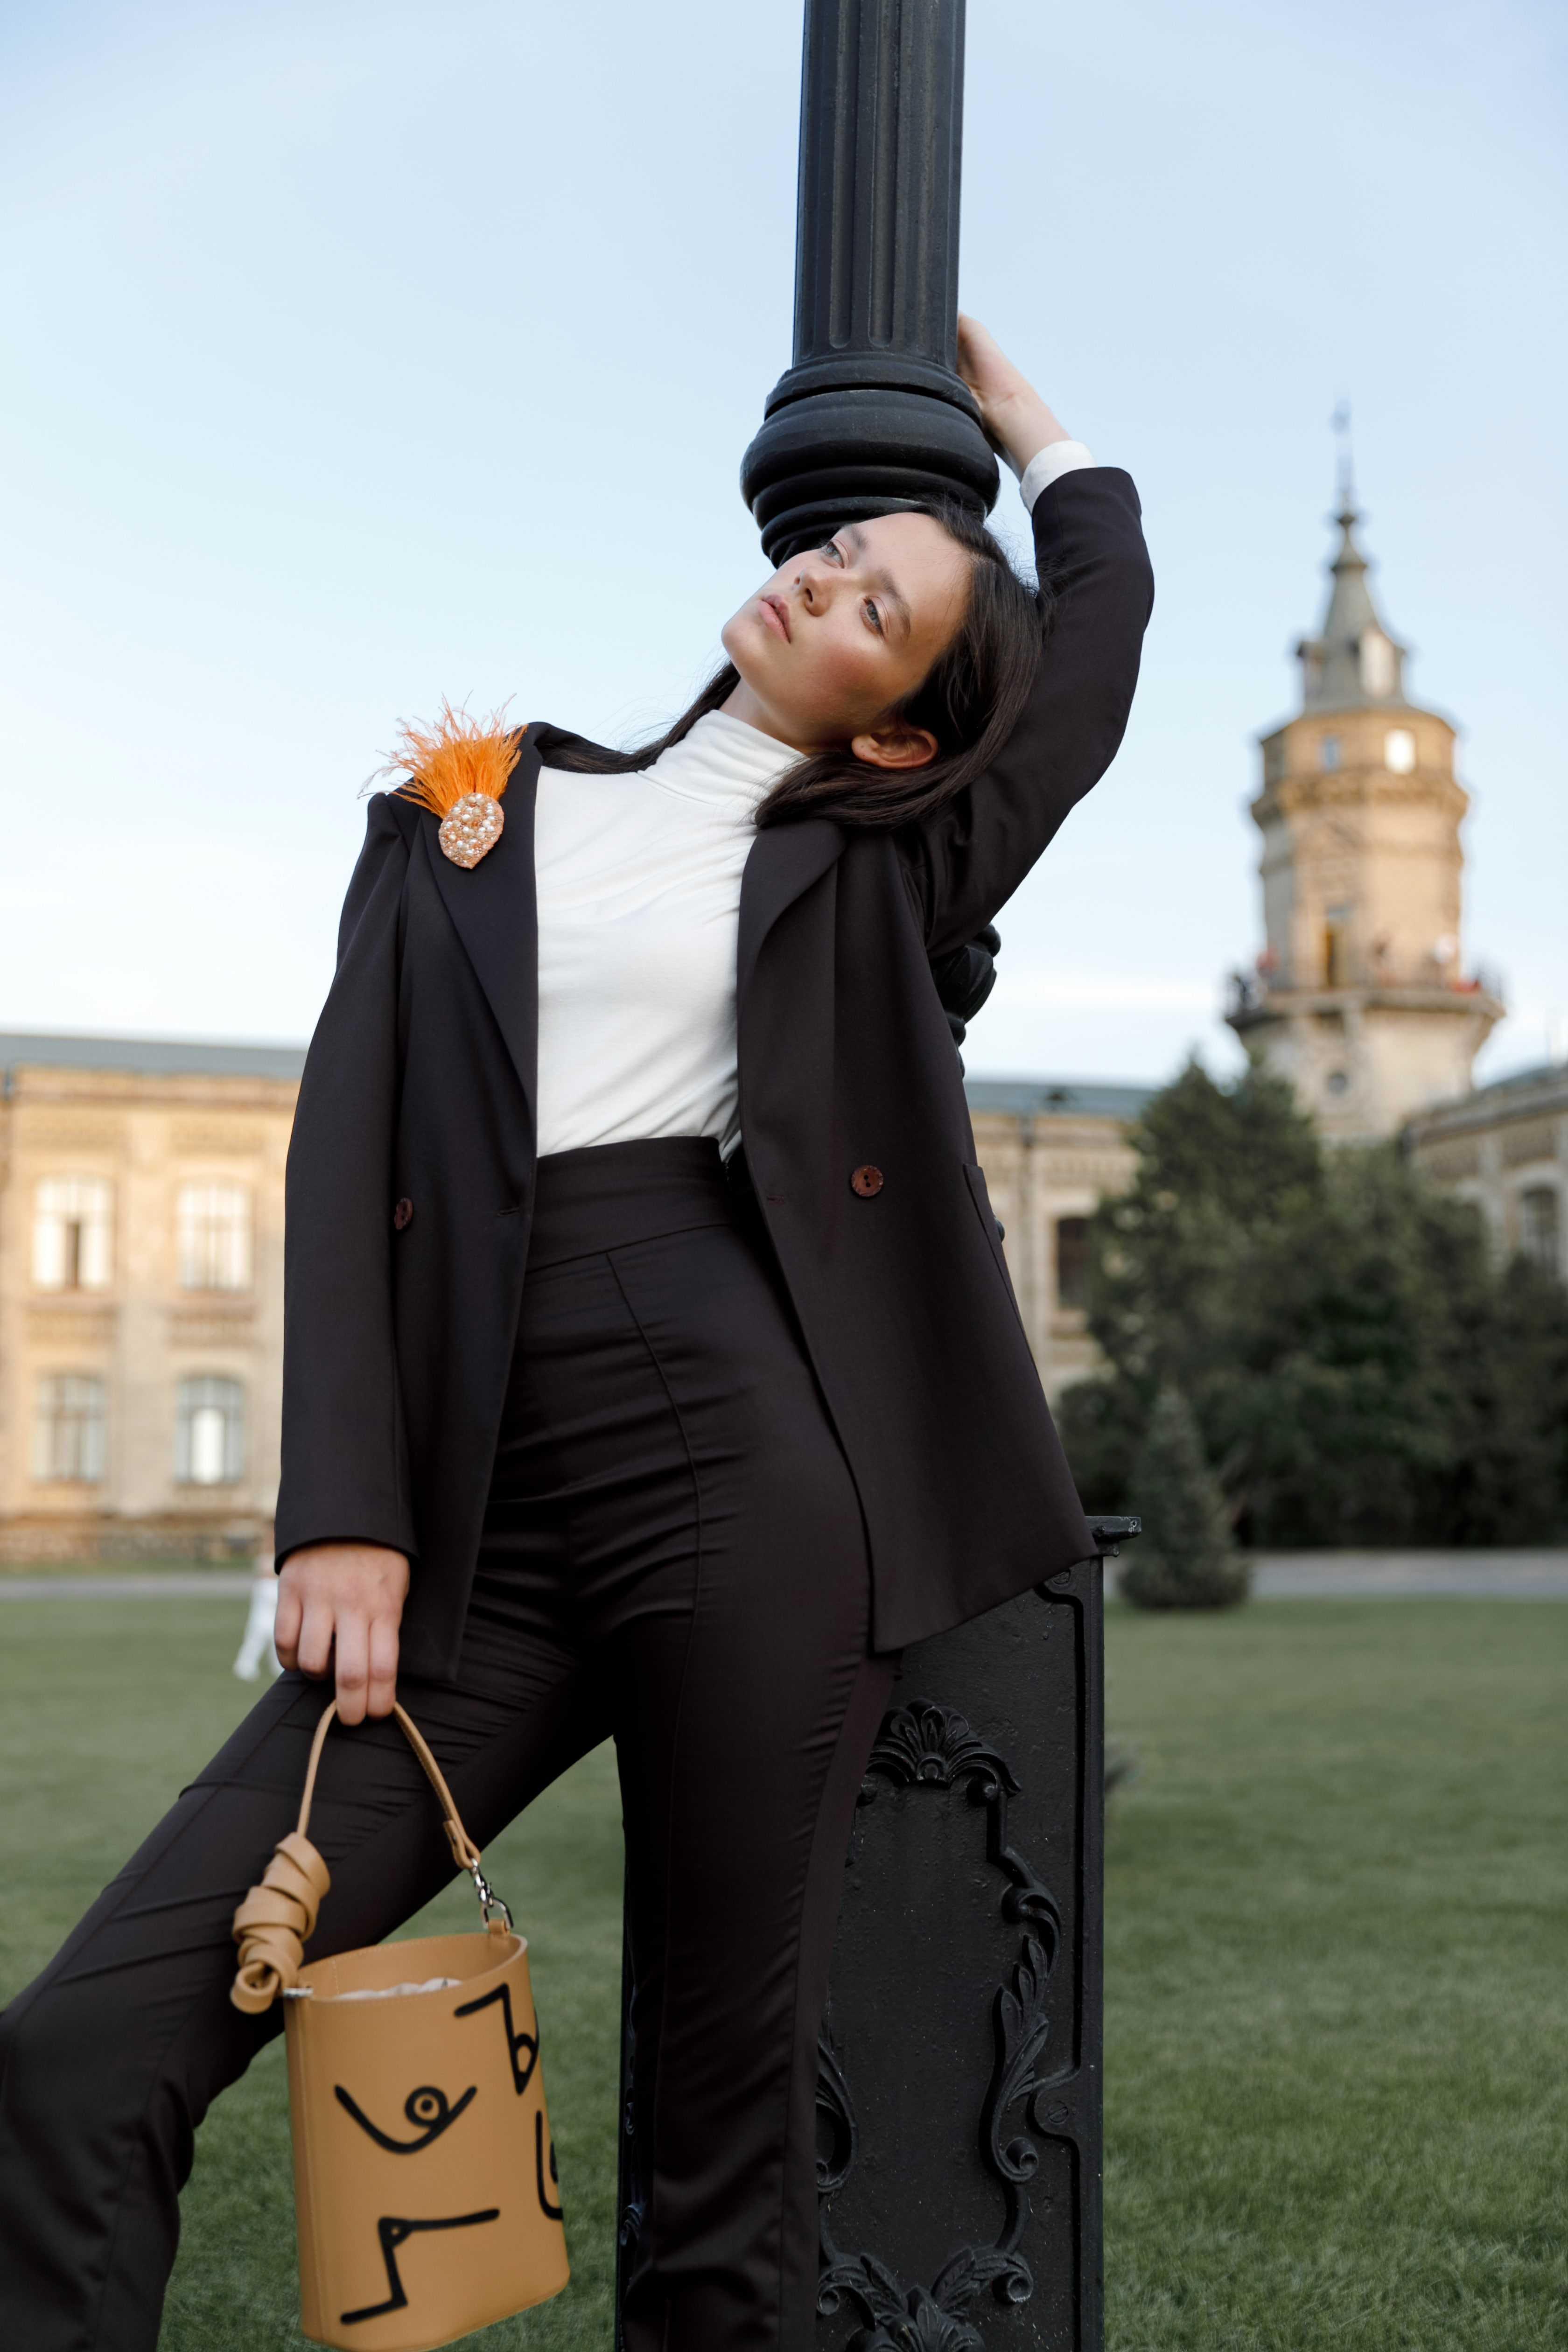 Городская осень 2019 стильные образы от украинских брендов костюм ELENA GURANDA, сумка KOZHUHAR, украшения UMORANOVA